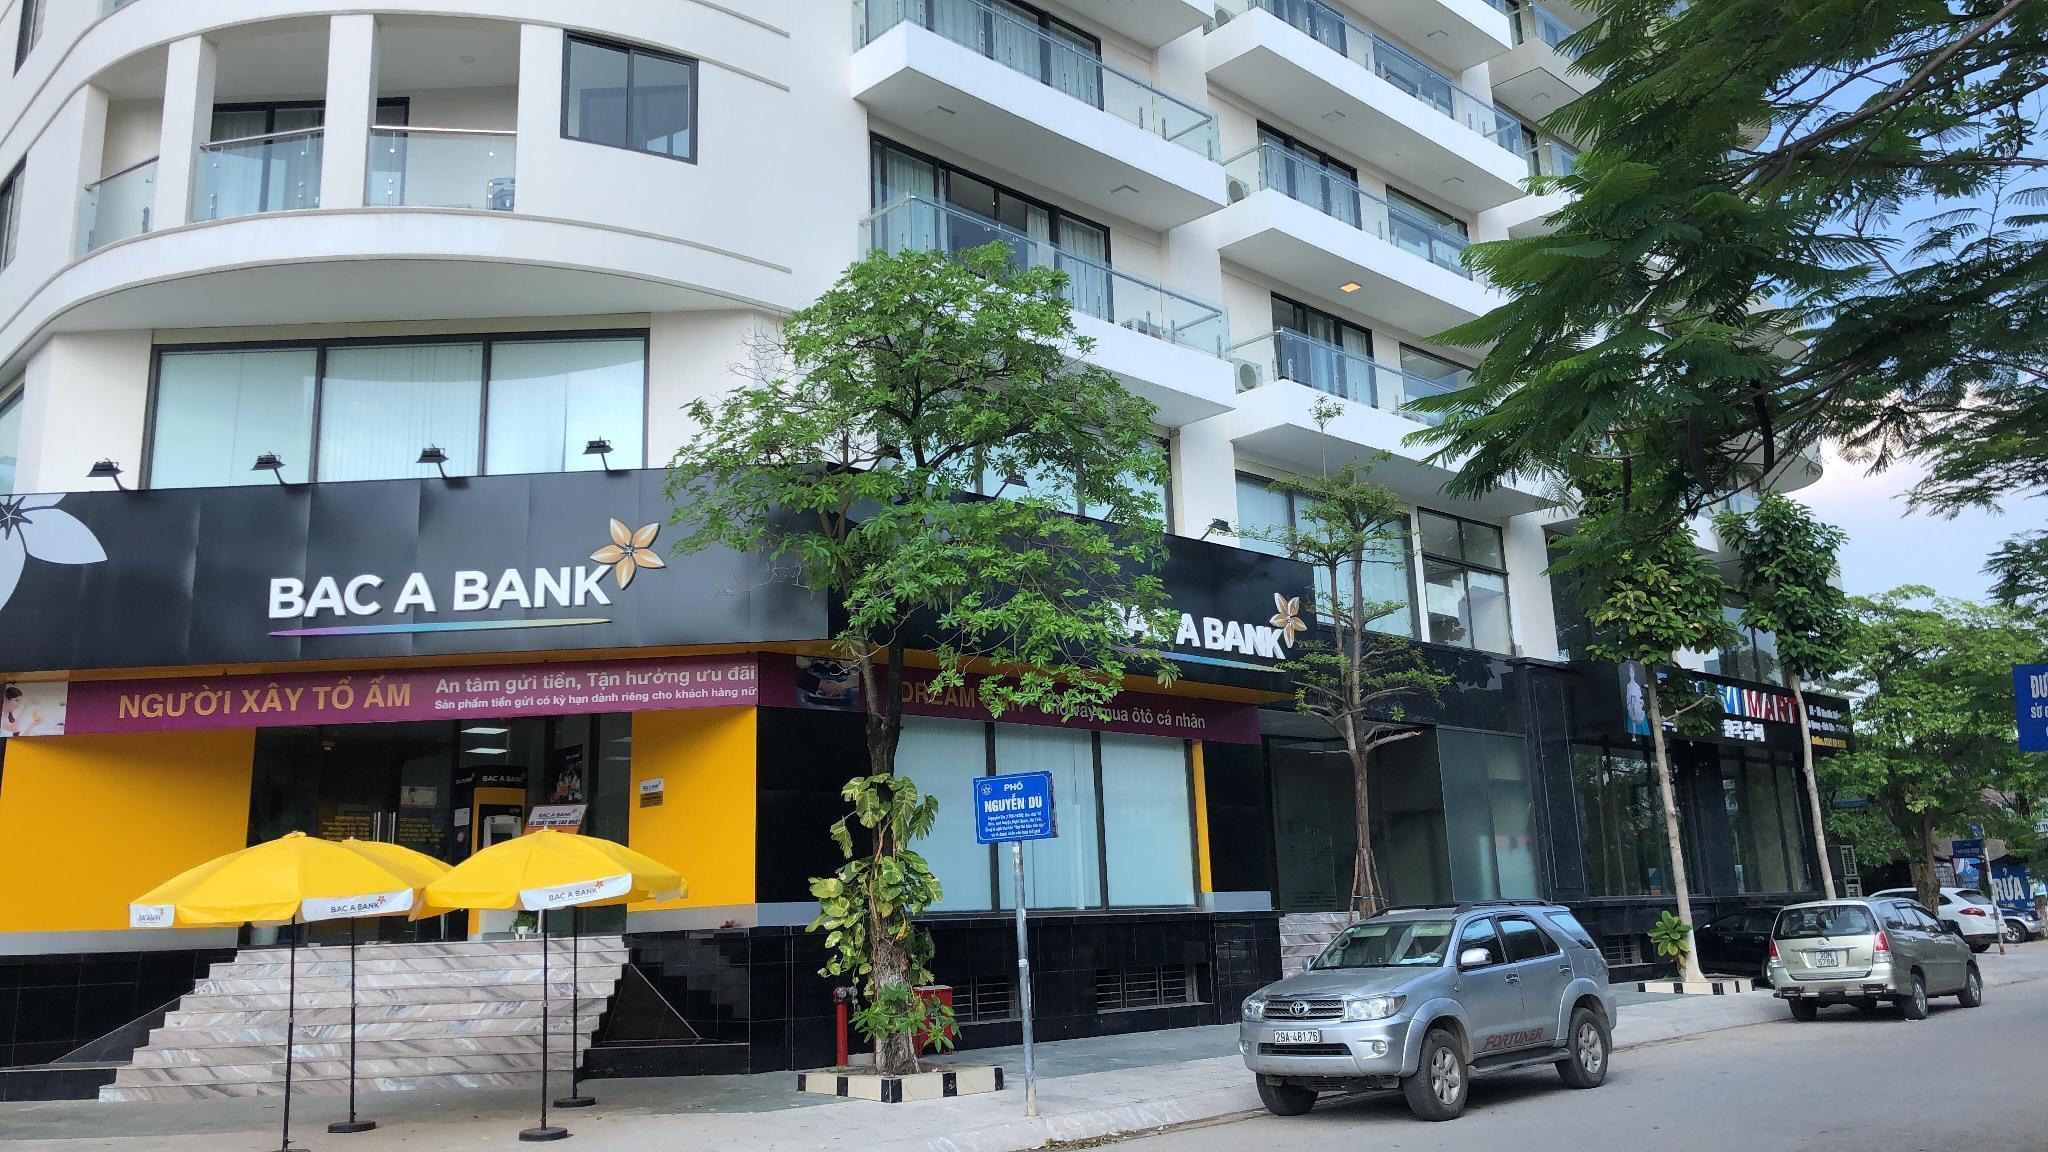 Khanh Du Flexible Building